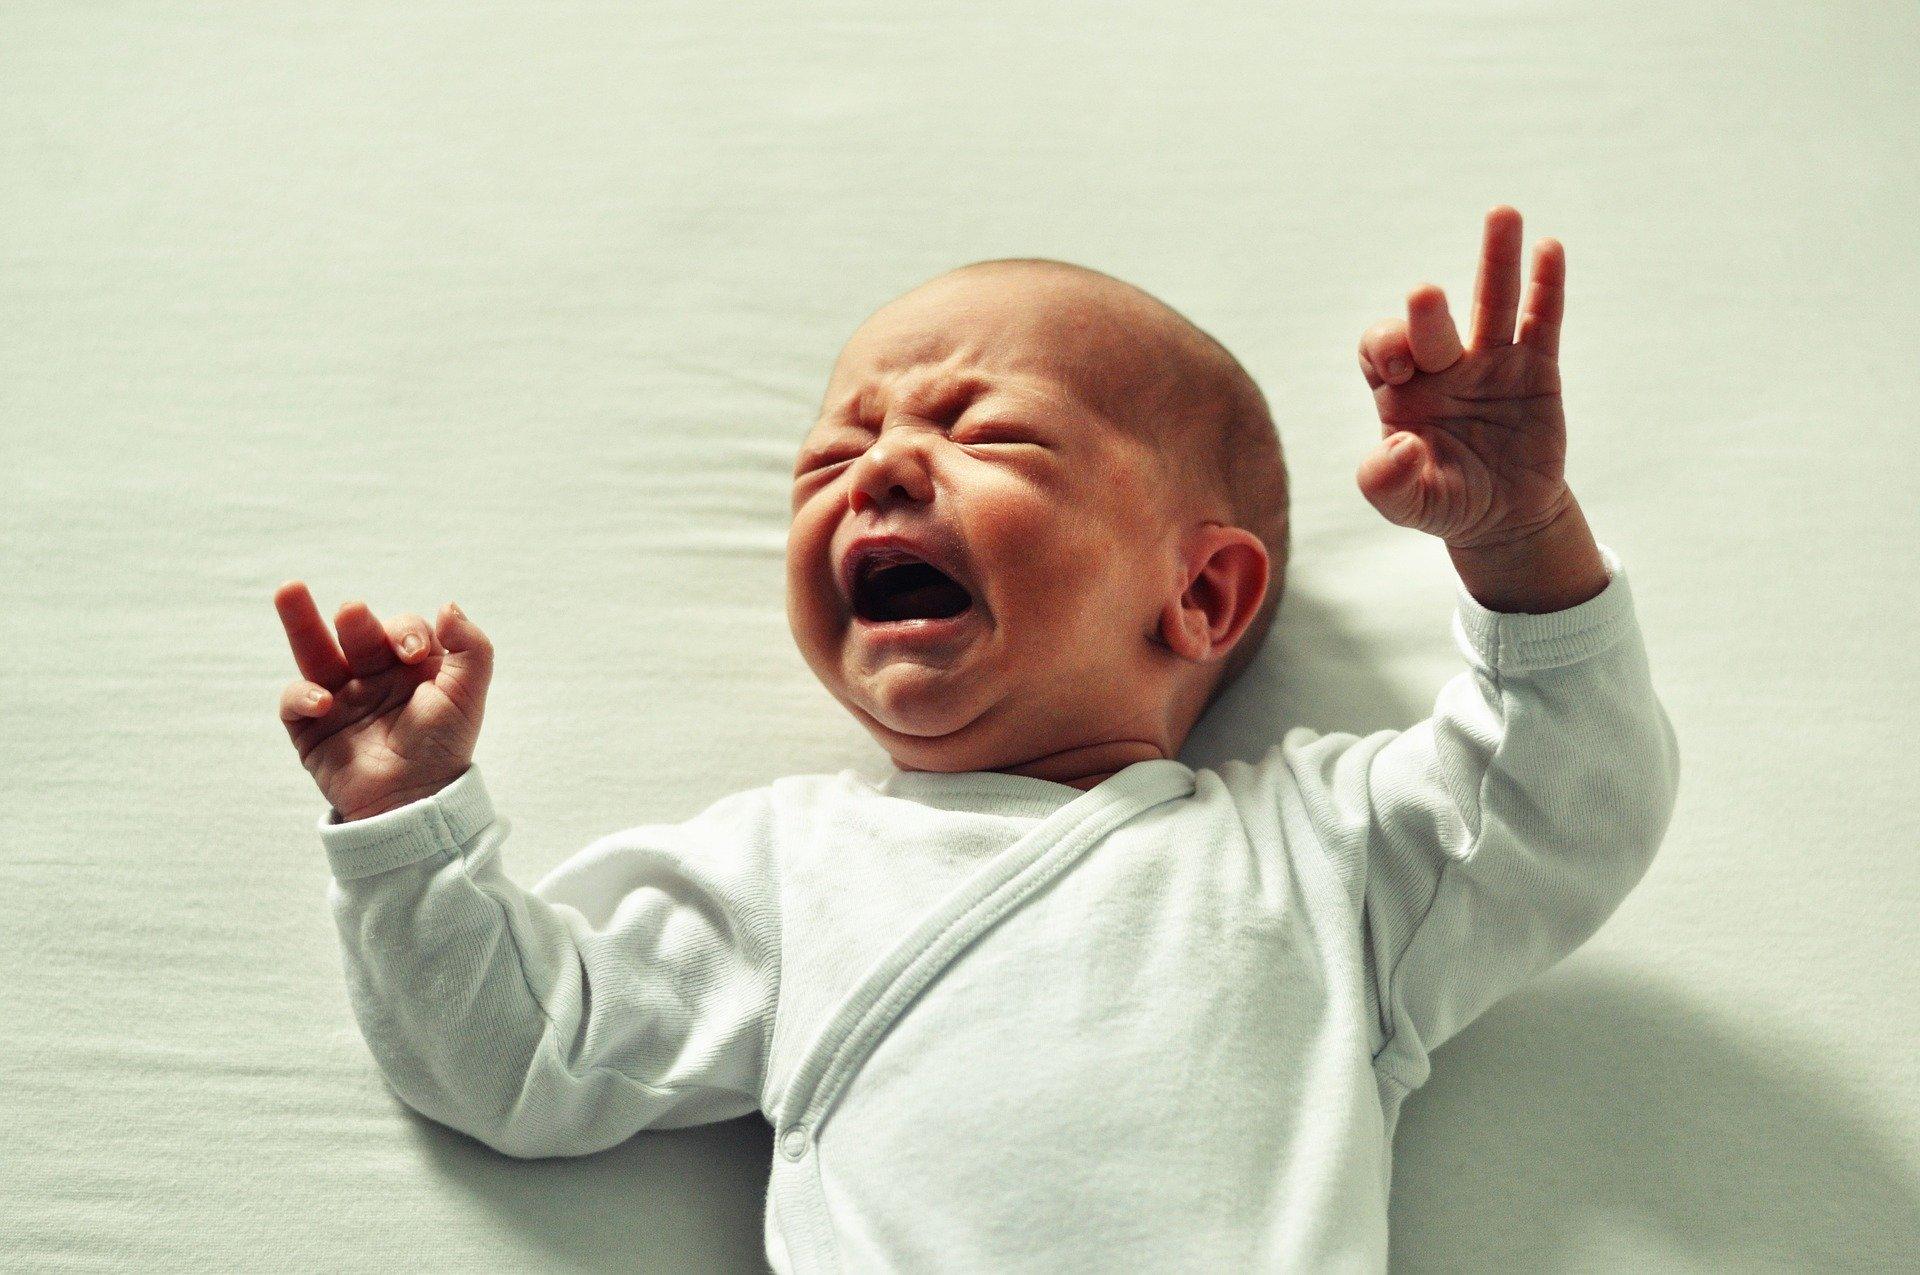 Ставете крај на бебешките грчеви и непроспиените ноќи